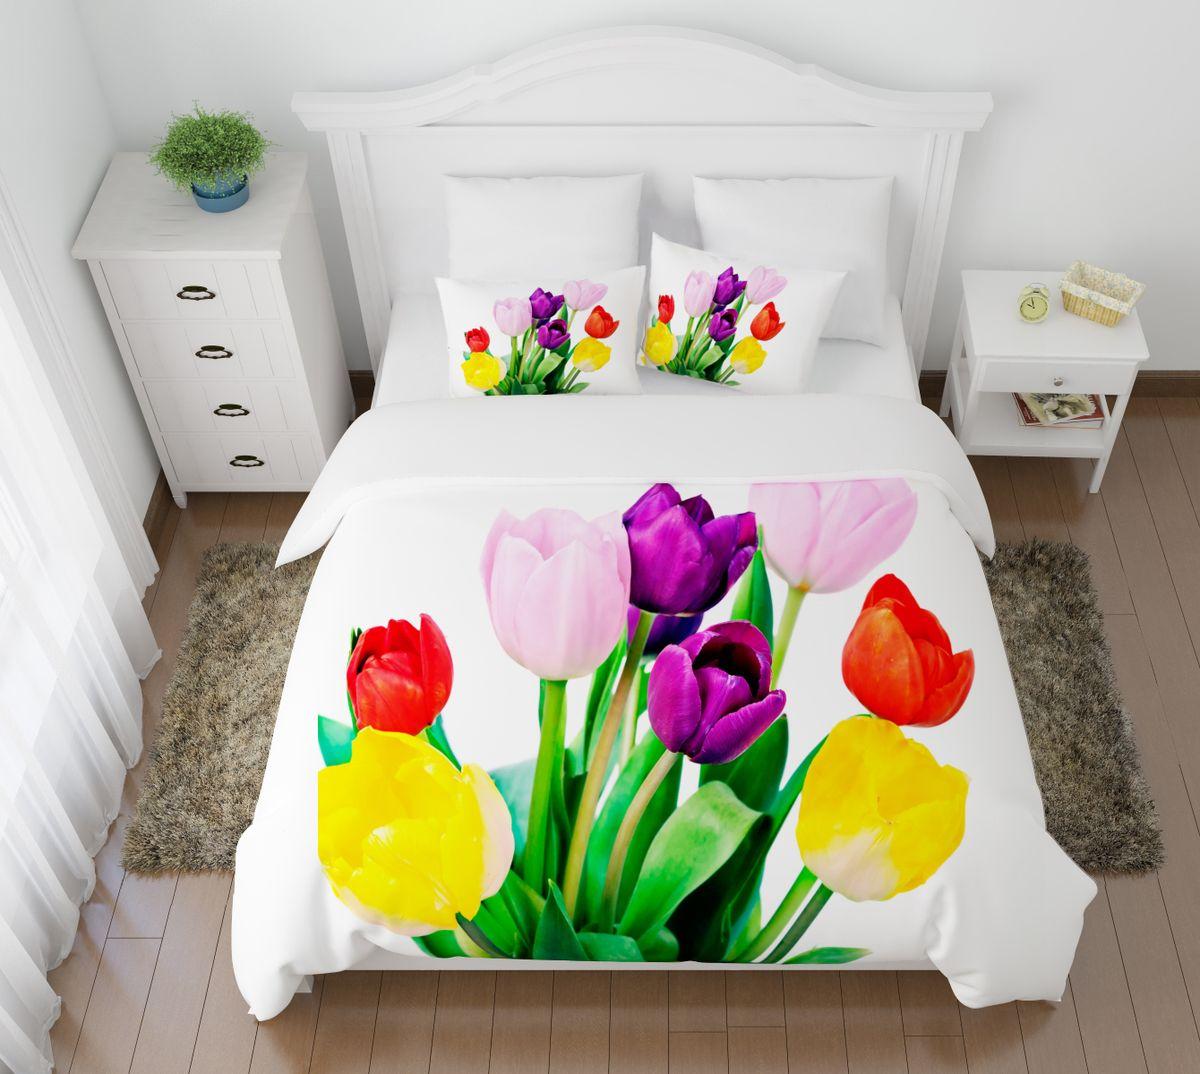 Комплект белья Сирень Весенние цветы, 1,5-спальный, наволочки 50x7008497-КПБ-МКомплект постельного белья Сирень выполнен из прочной и мягкой ткани. Четкий и стильный рисунок в сочетании с насыщенными красками делают комплект постельного белья неповторимой изюминкой любого интерьера. Постельное белье идеально подойдет для подарка. Идеальное соотношение смешенной ткани и гипоаллергенных красок это гарантия здорового, спокойного сна. Ткань хорошо впитывает влагу, надолго сохраняет яркость красок. Цвет простыни, пододеяльника, наволочки в комплектации может немного отличаться от представленного на фото. В комплект входят: простынь - 150х220см; пододельяник 145х210 см; наволочка - 50х70х2шт. Постельное белье легко стирать при 30-40 градусах, гладить при 150 градусах, не отбеливать.Рекомендуется перед первым изпользованием постирать.